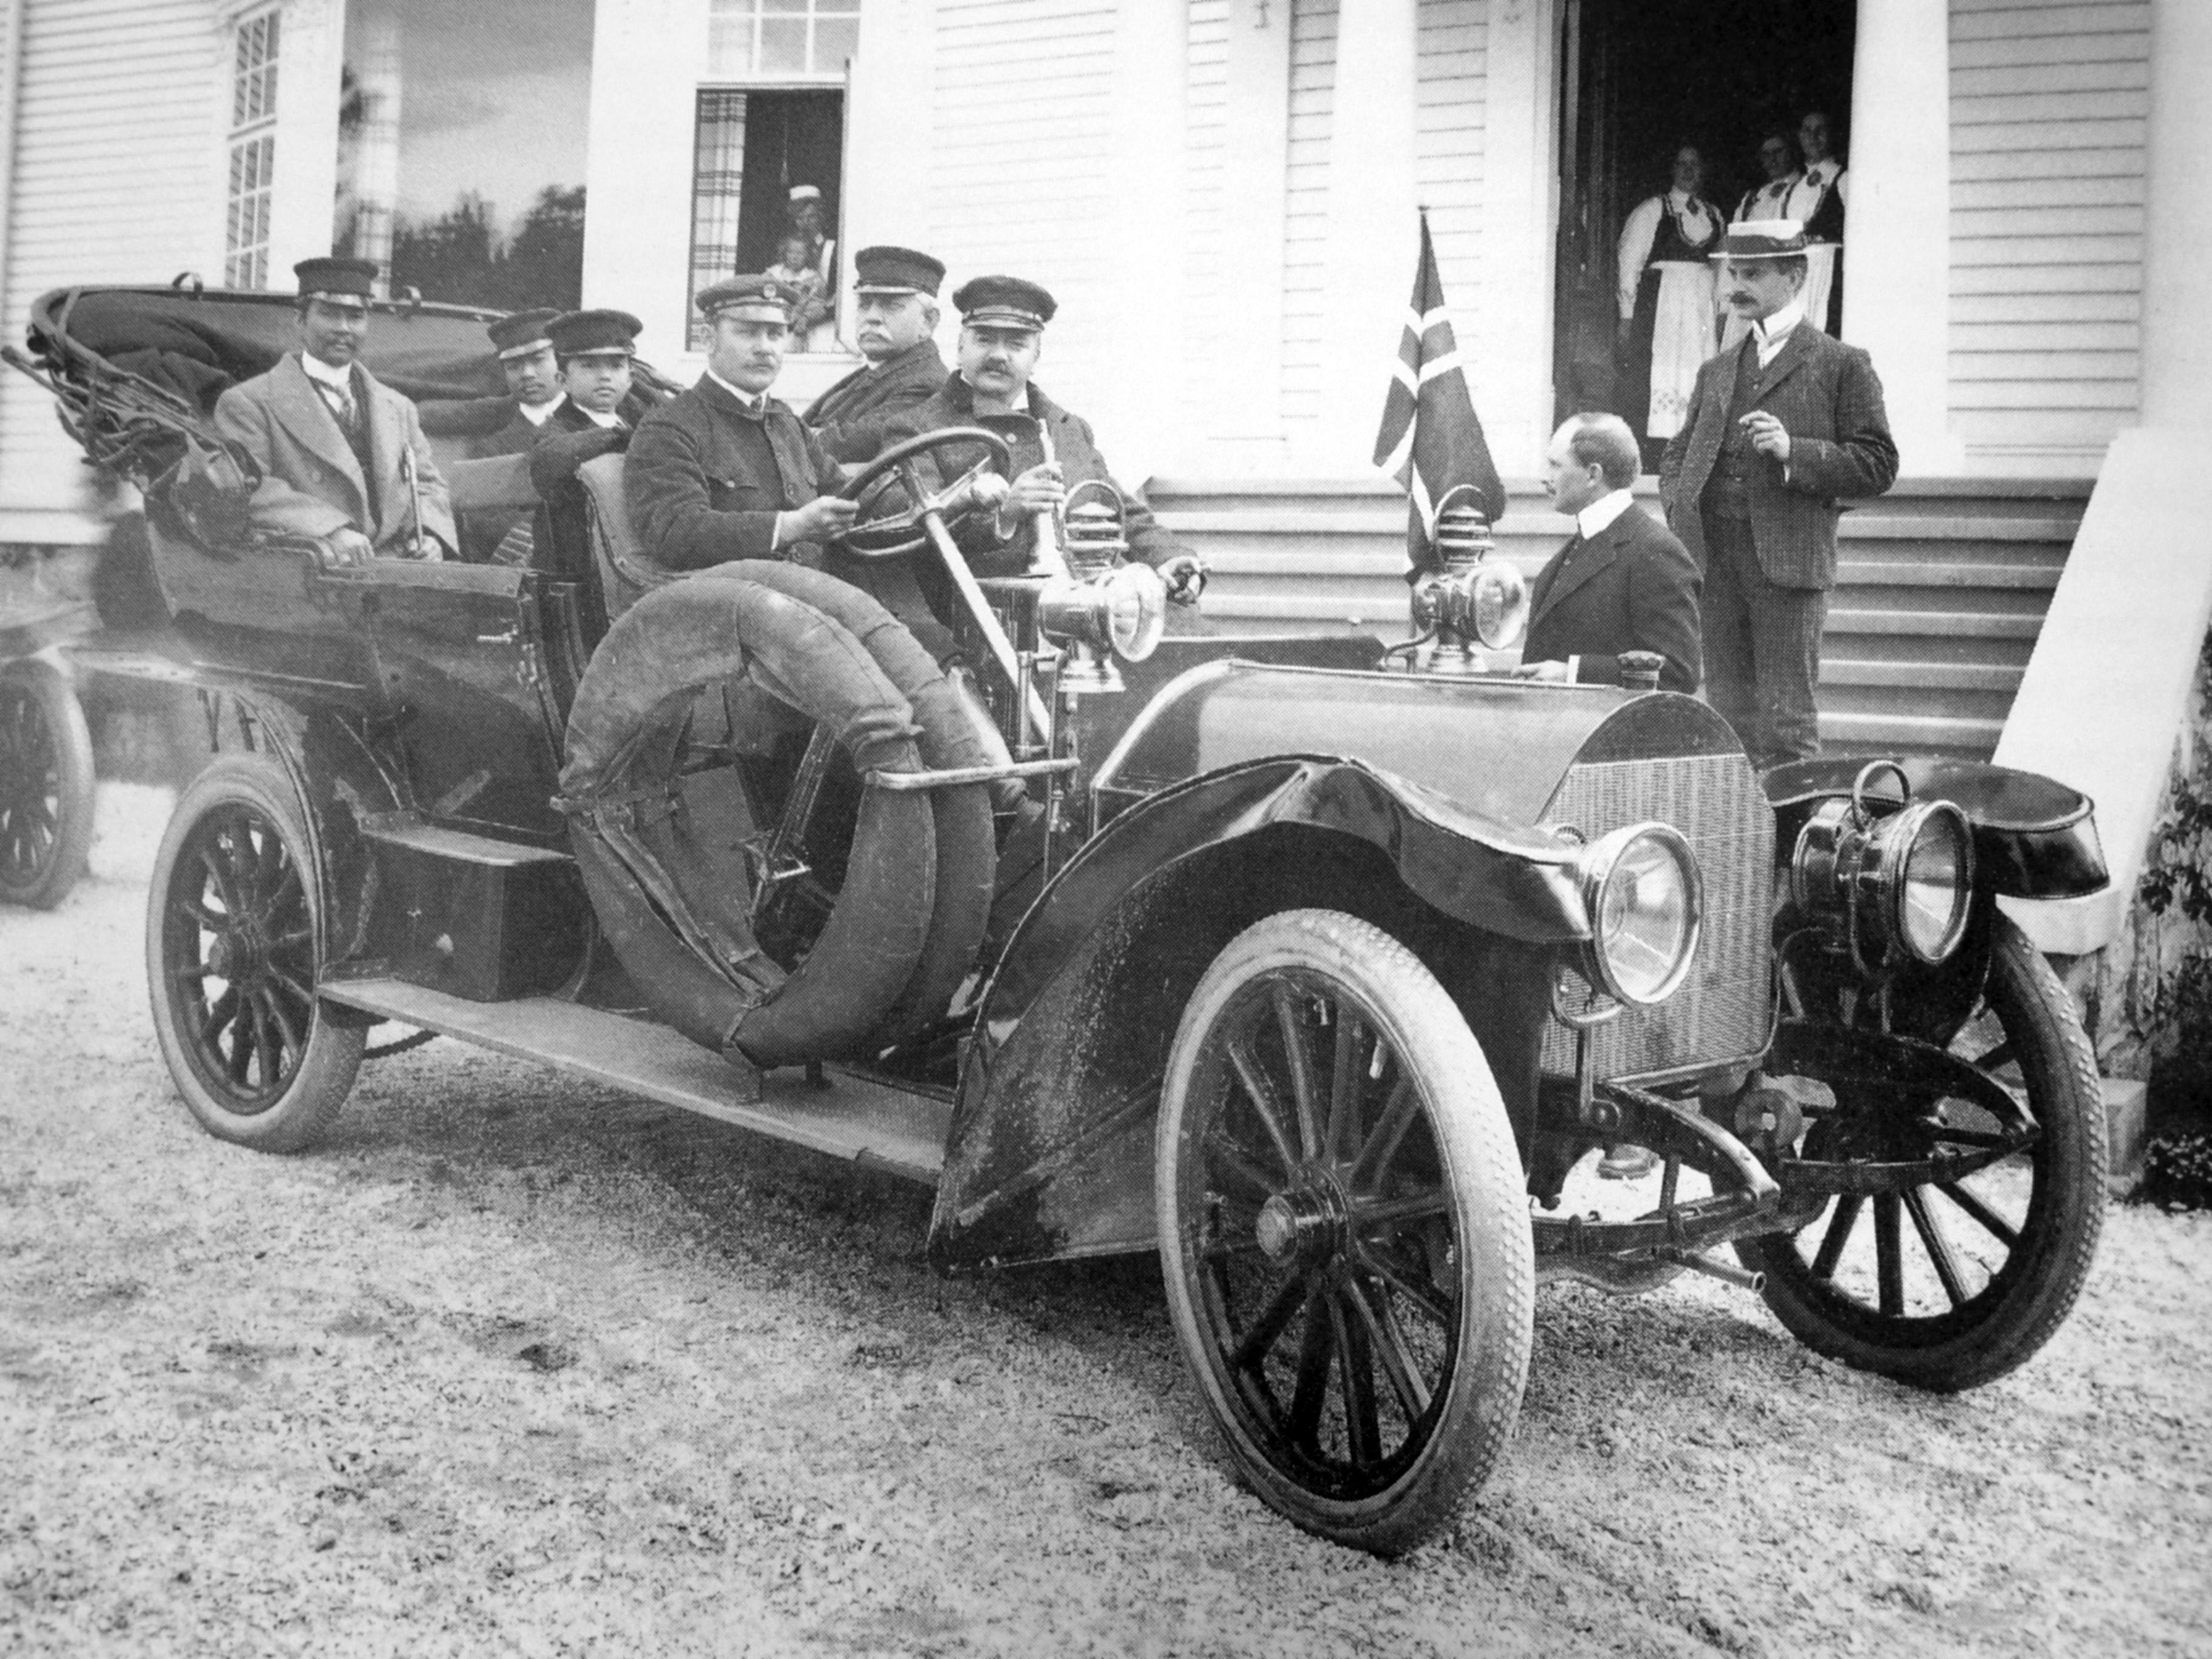 Kongebesøket fra Thailand i 1907. Dette bildet fra Notodden er nå å finne på den nye 100-baht-seddelen i Thailand. (Foto: Hydro/NIA)